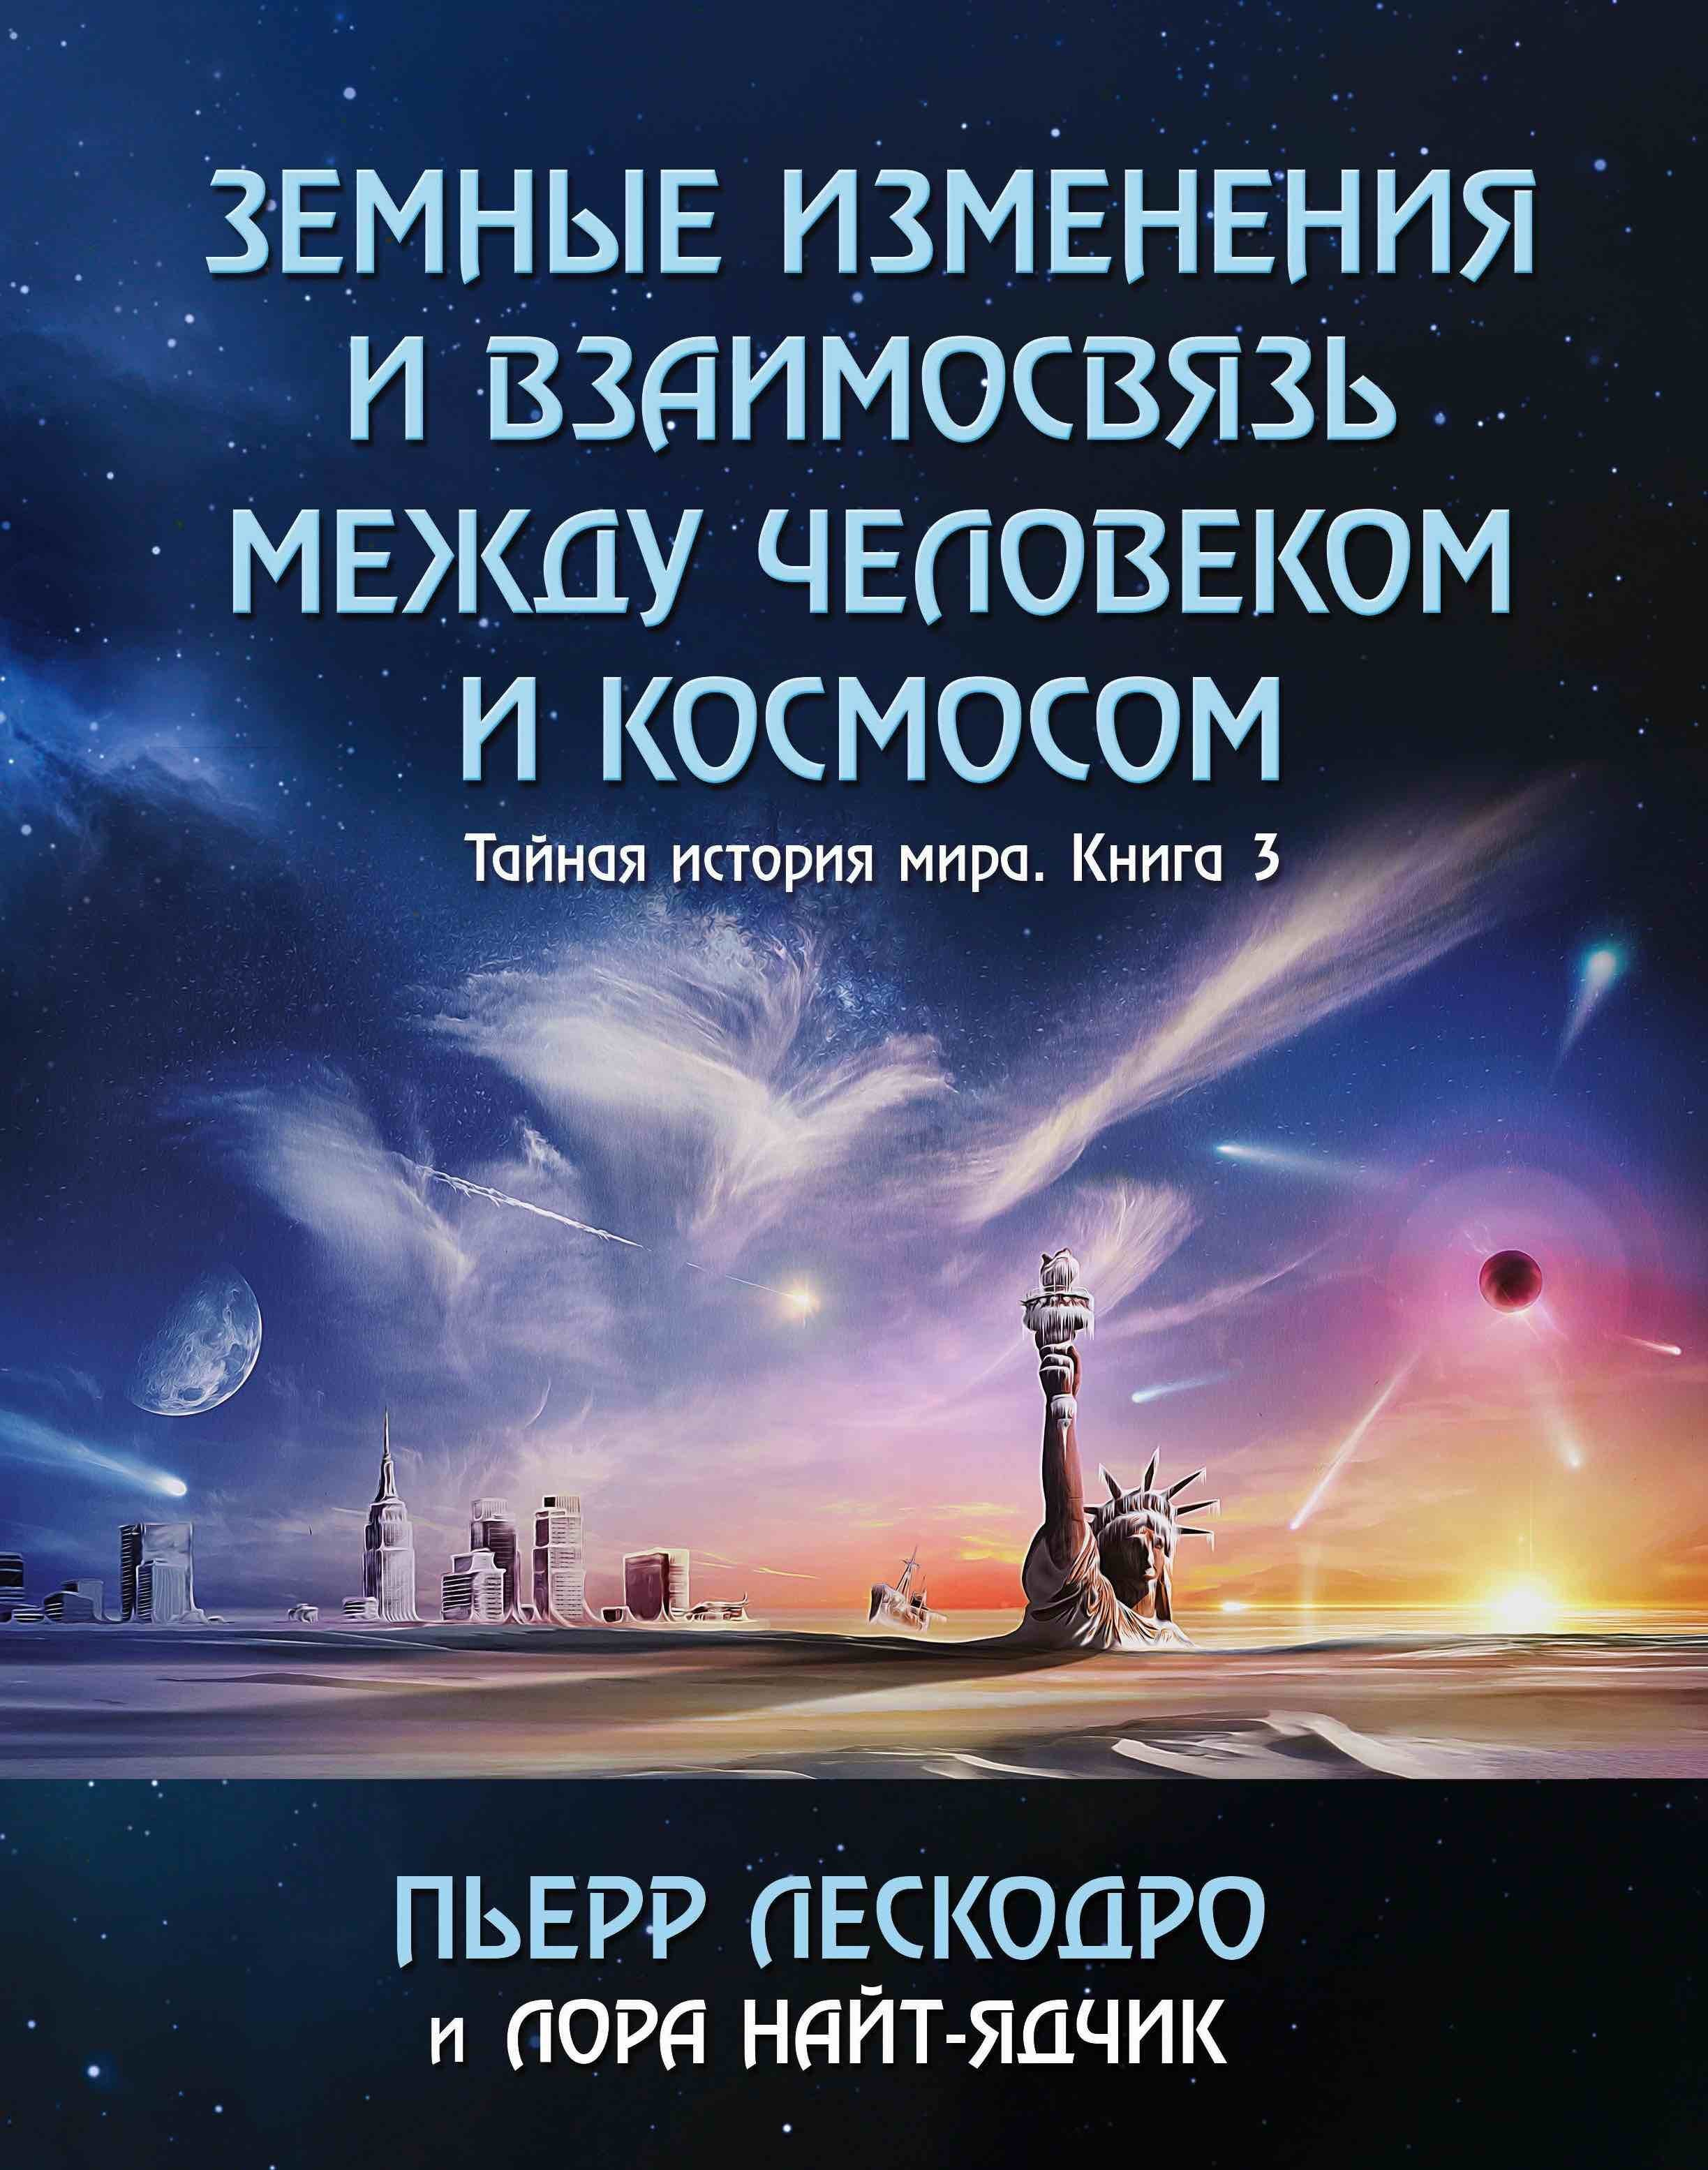 Сборник статей на тему земных изменений и взаимосвязи между человеком и космосом -- Sott.net